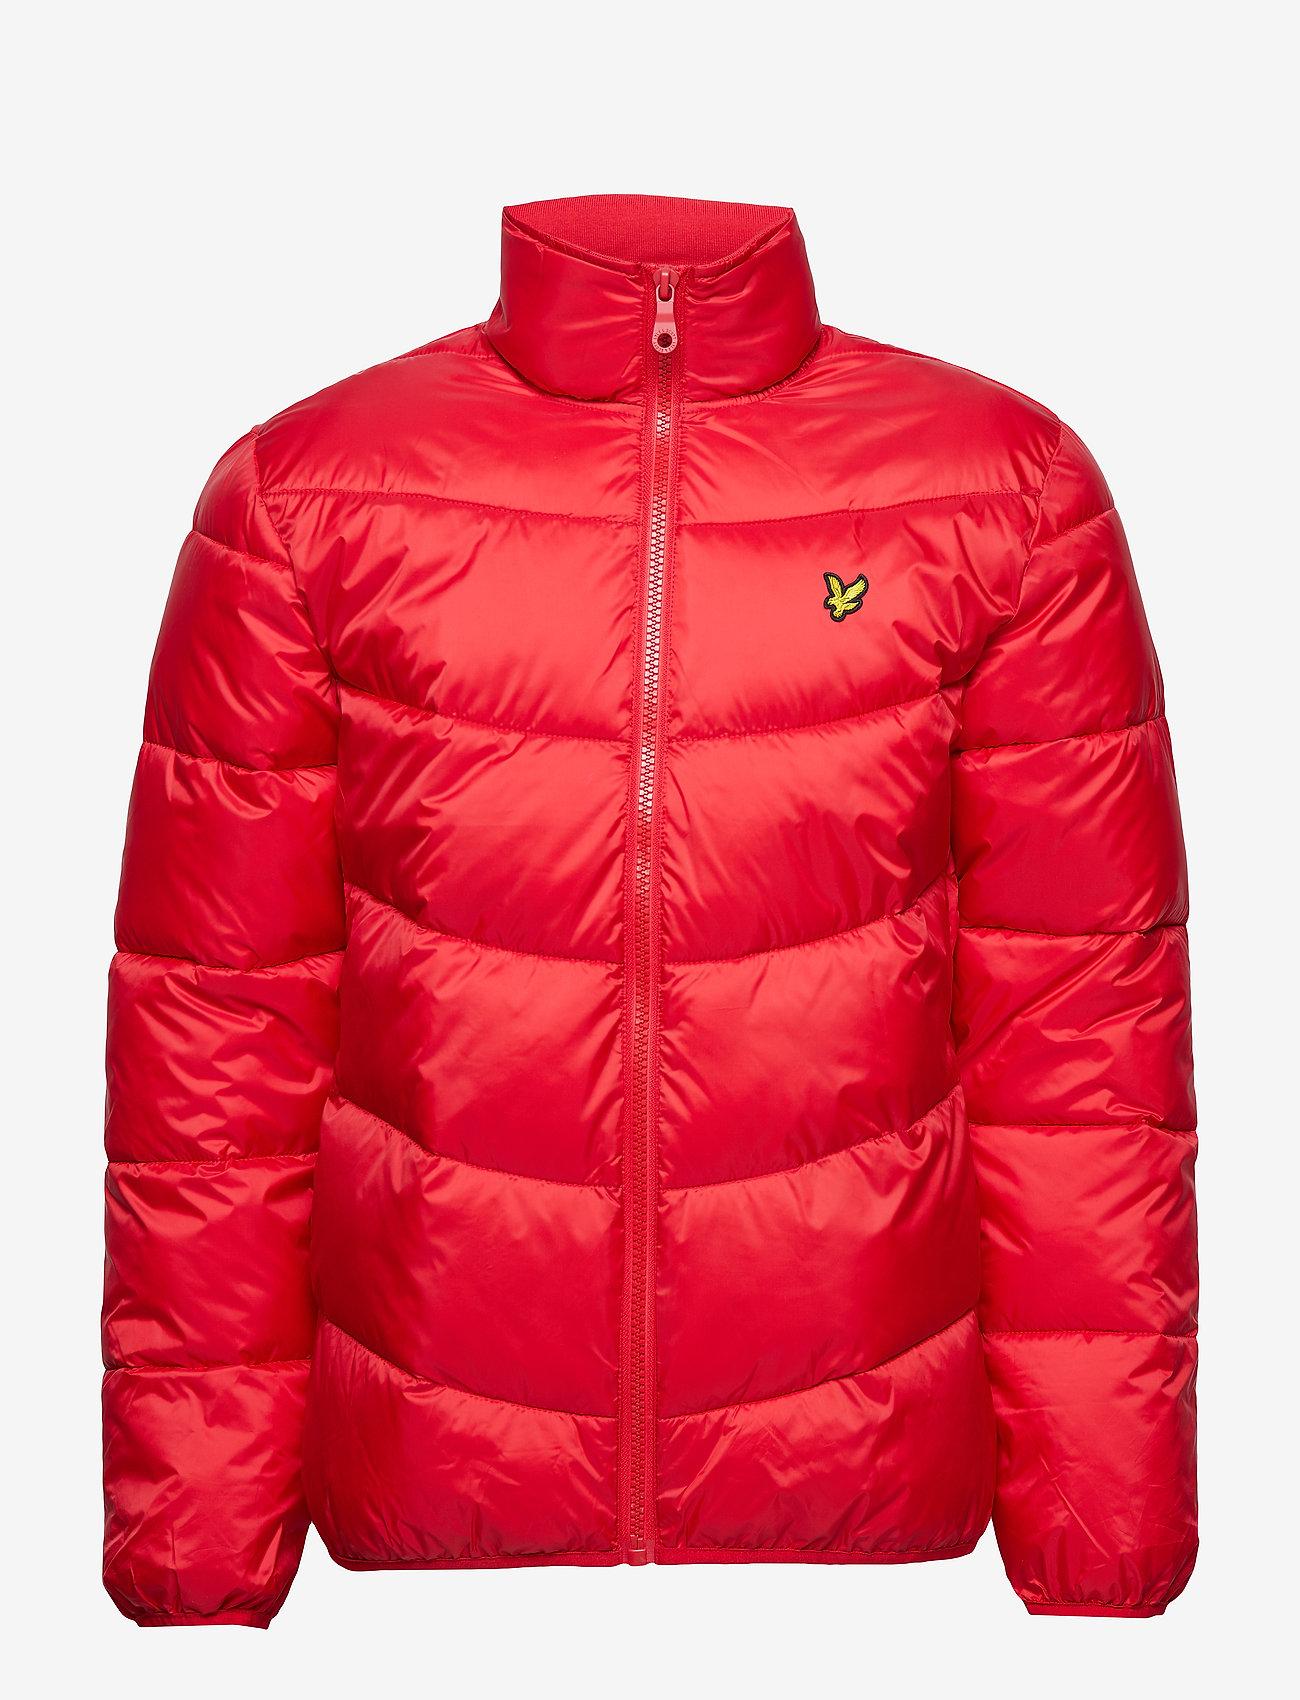 Funnel Neck Puffa Jacket (Dark Red) - Lyle & Scott K0TFCe